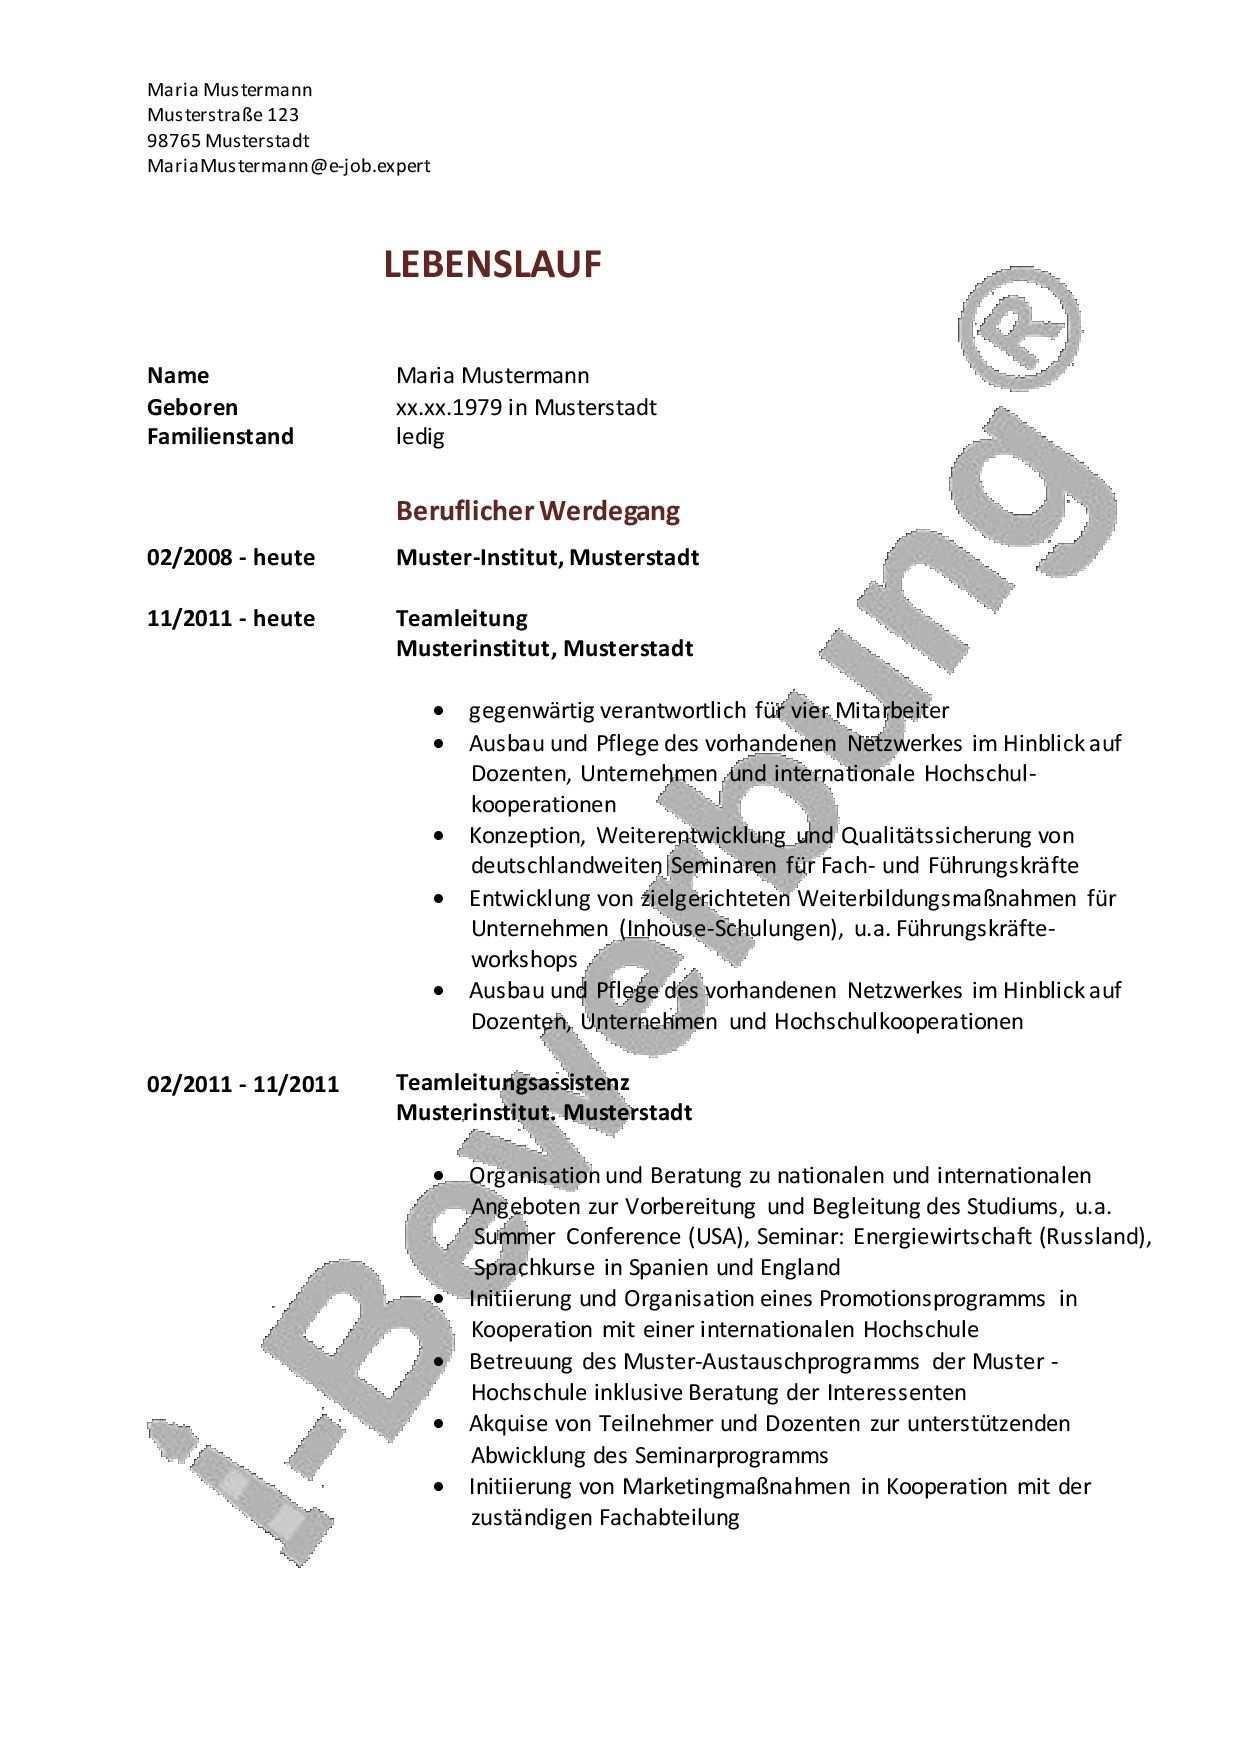 I Bewerbung Als Teamleiterin Muster Lebenslauf Lebenslauf Lebenslauf Beispiele Beruflicher Werdegang